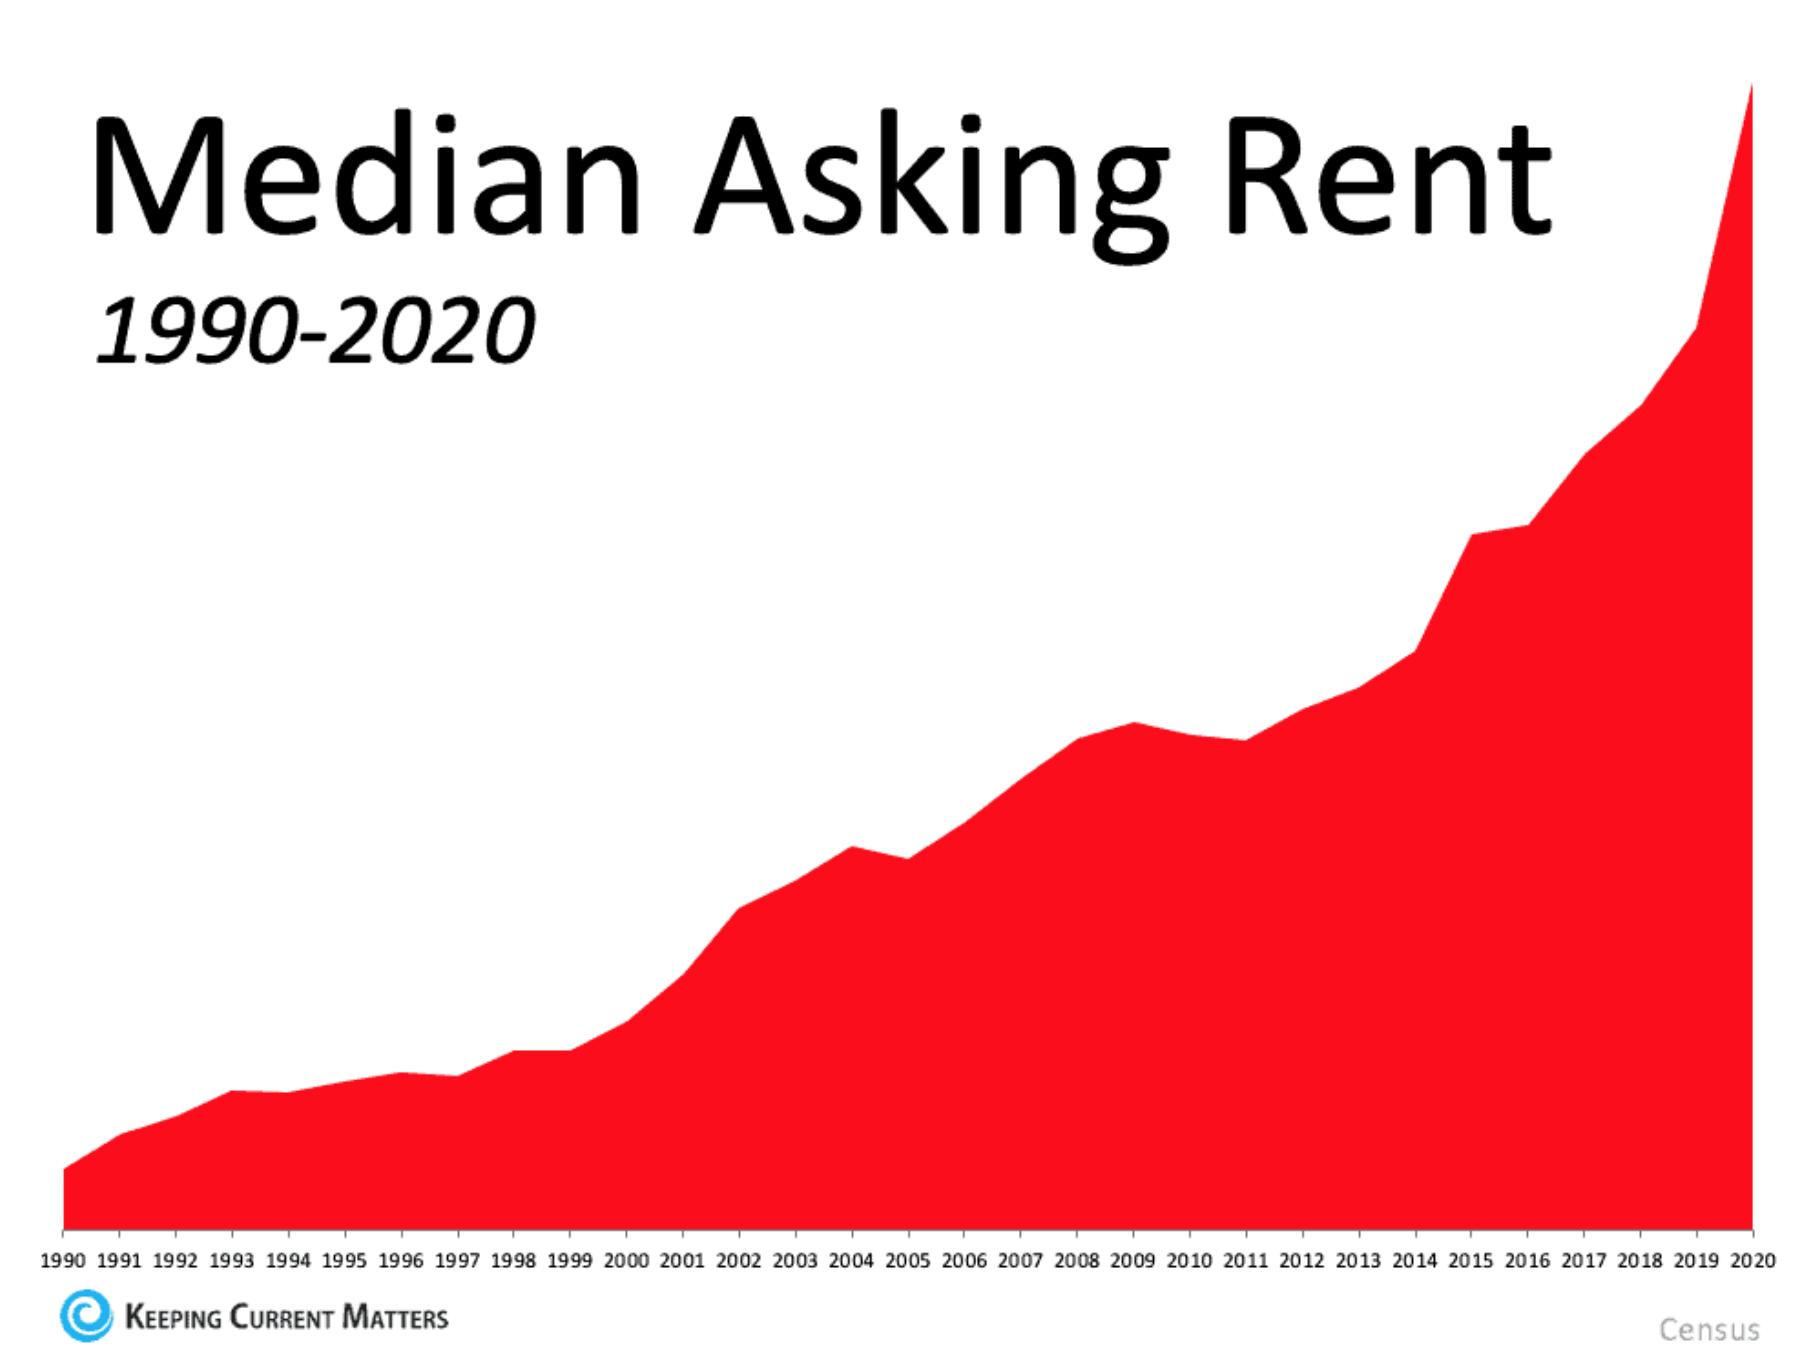 Median Asking Rent